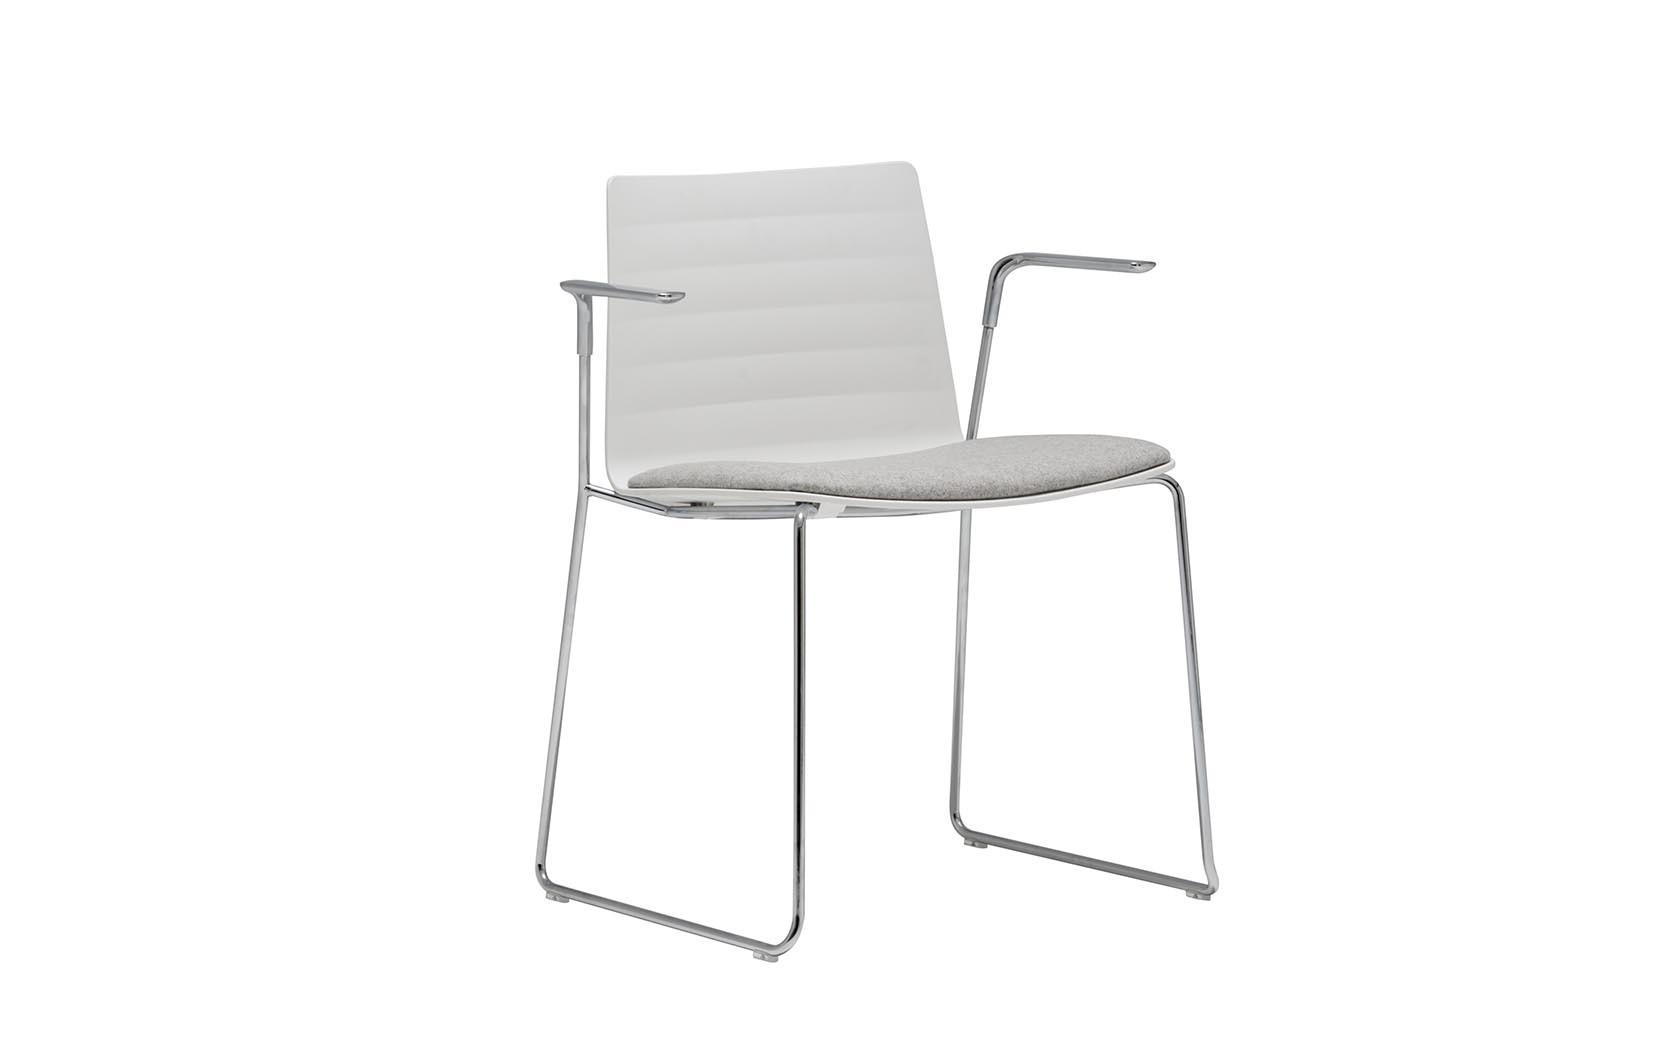 Astounding Flex Chair By Andreu World Stylepark Lamtechconsult Wood Chair Design Ideas Lamtechconsultcom